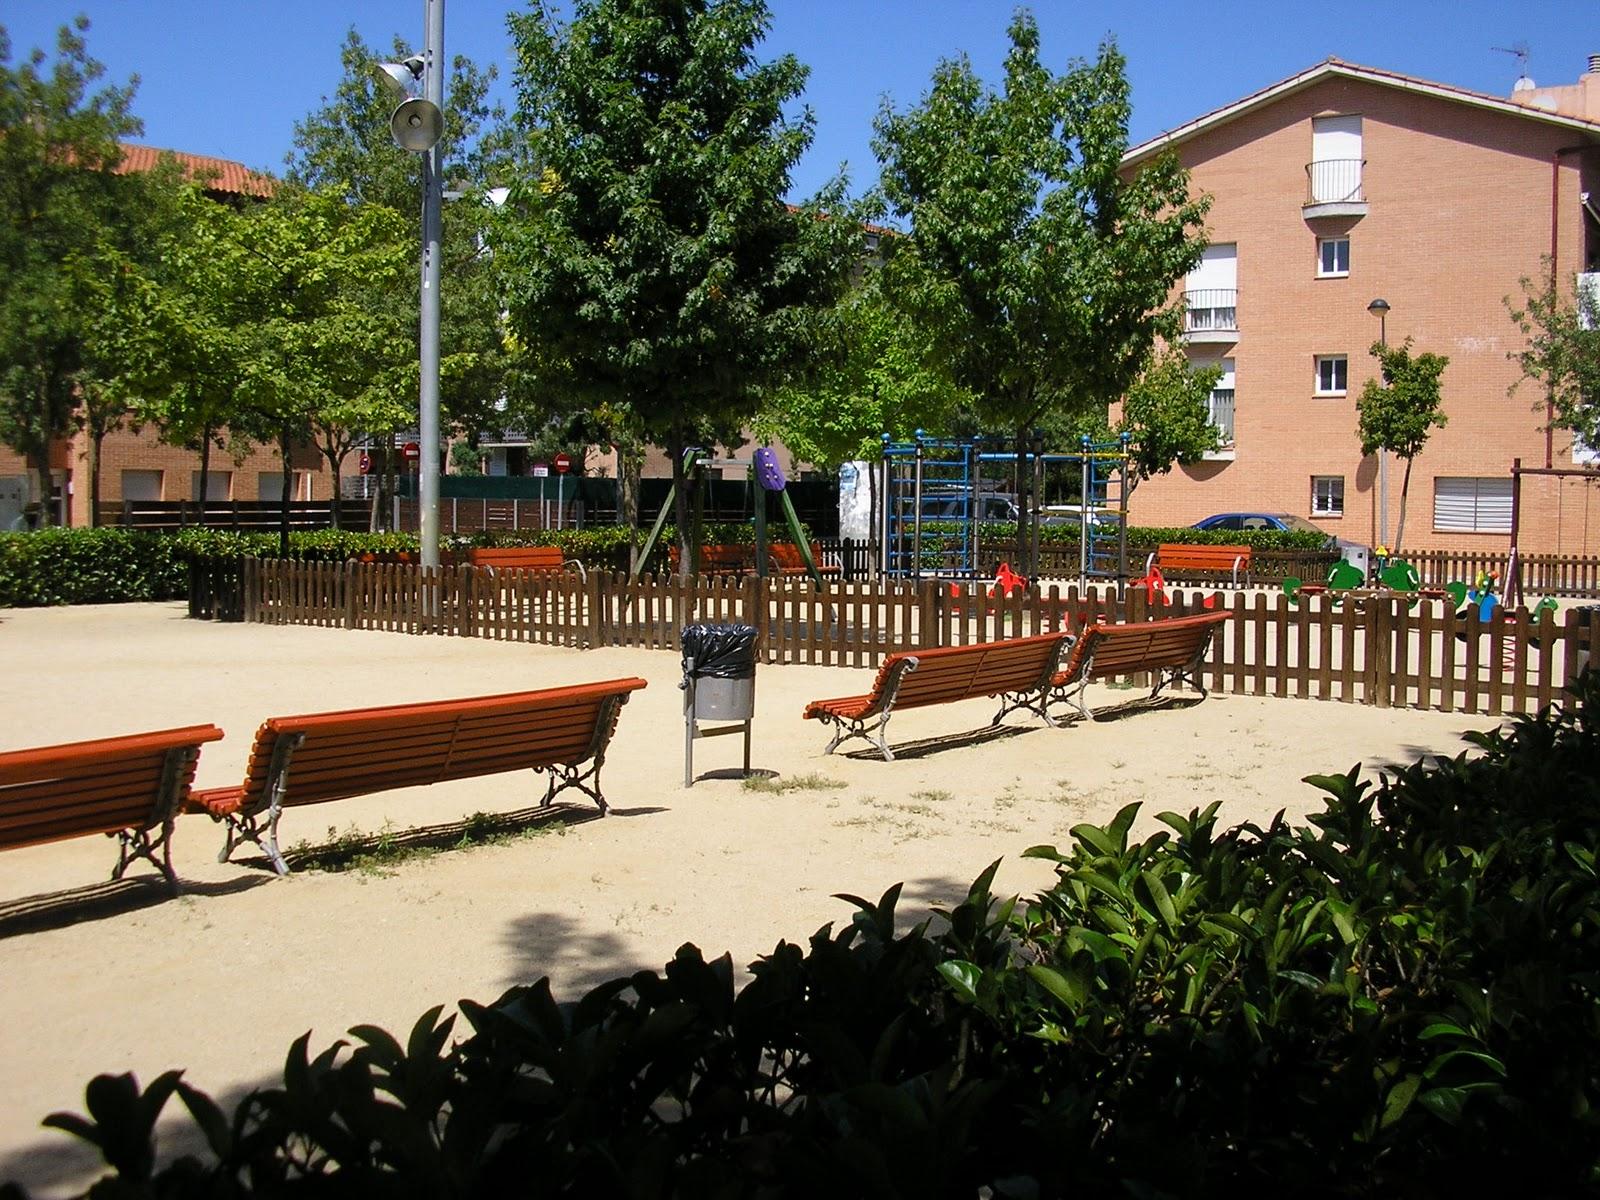 Casas baratas en barcelona pisos con jardin barcelona - Pisos economicos en barcelona ...